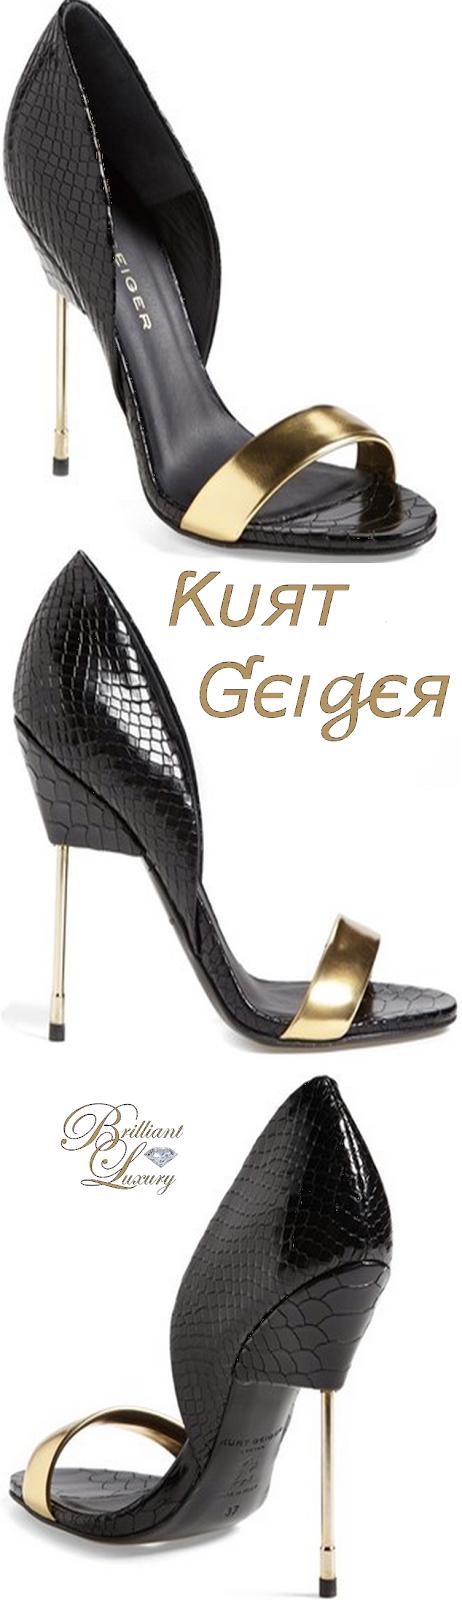 Brilliant Luxury ♦ Kurt Geiger 'Bank'